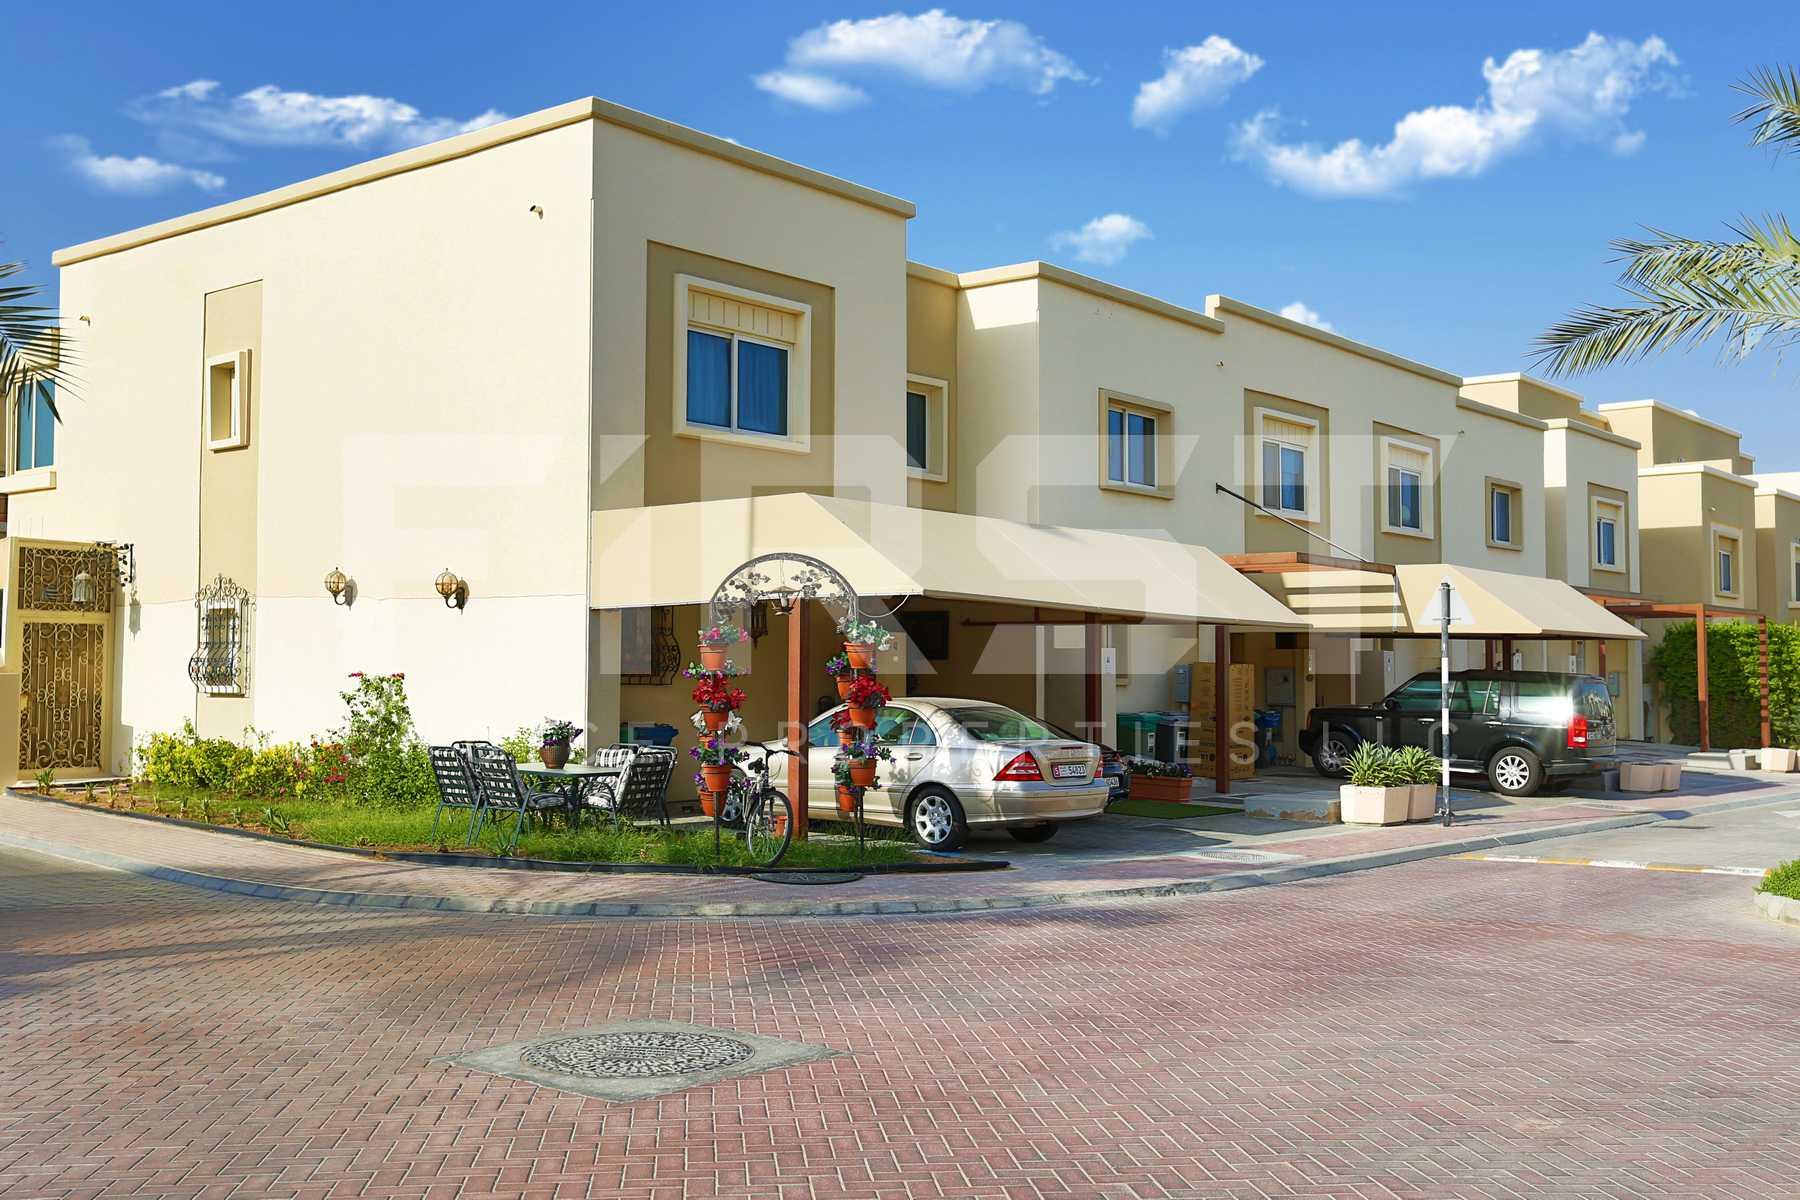 Arabian Village Al Reef Villas Al Reef Abu Dhabi UAE (17).jpg